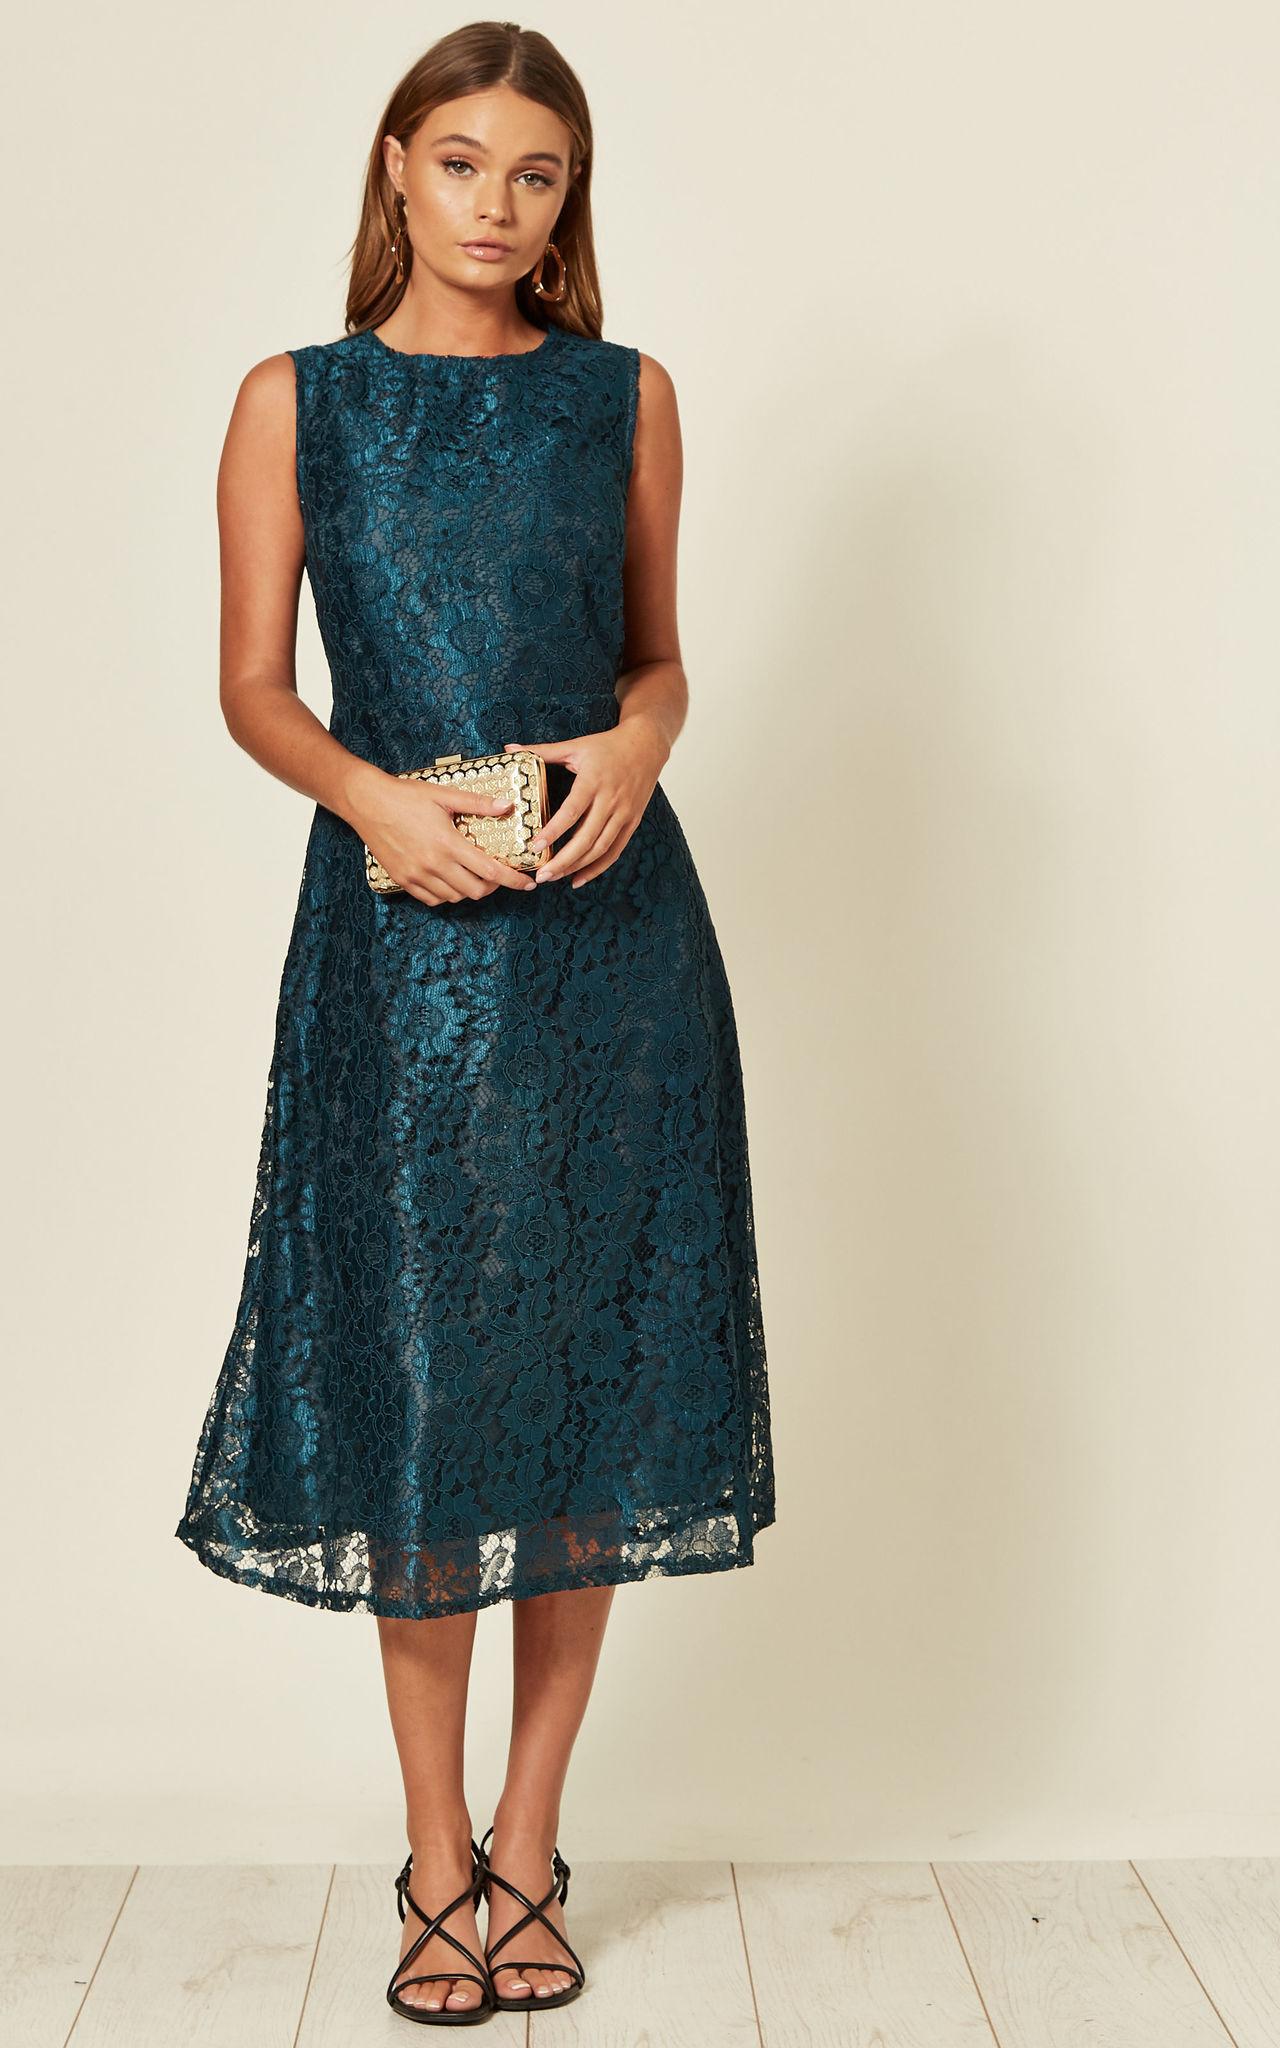 Model wearing a dark green lace dress